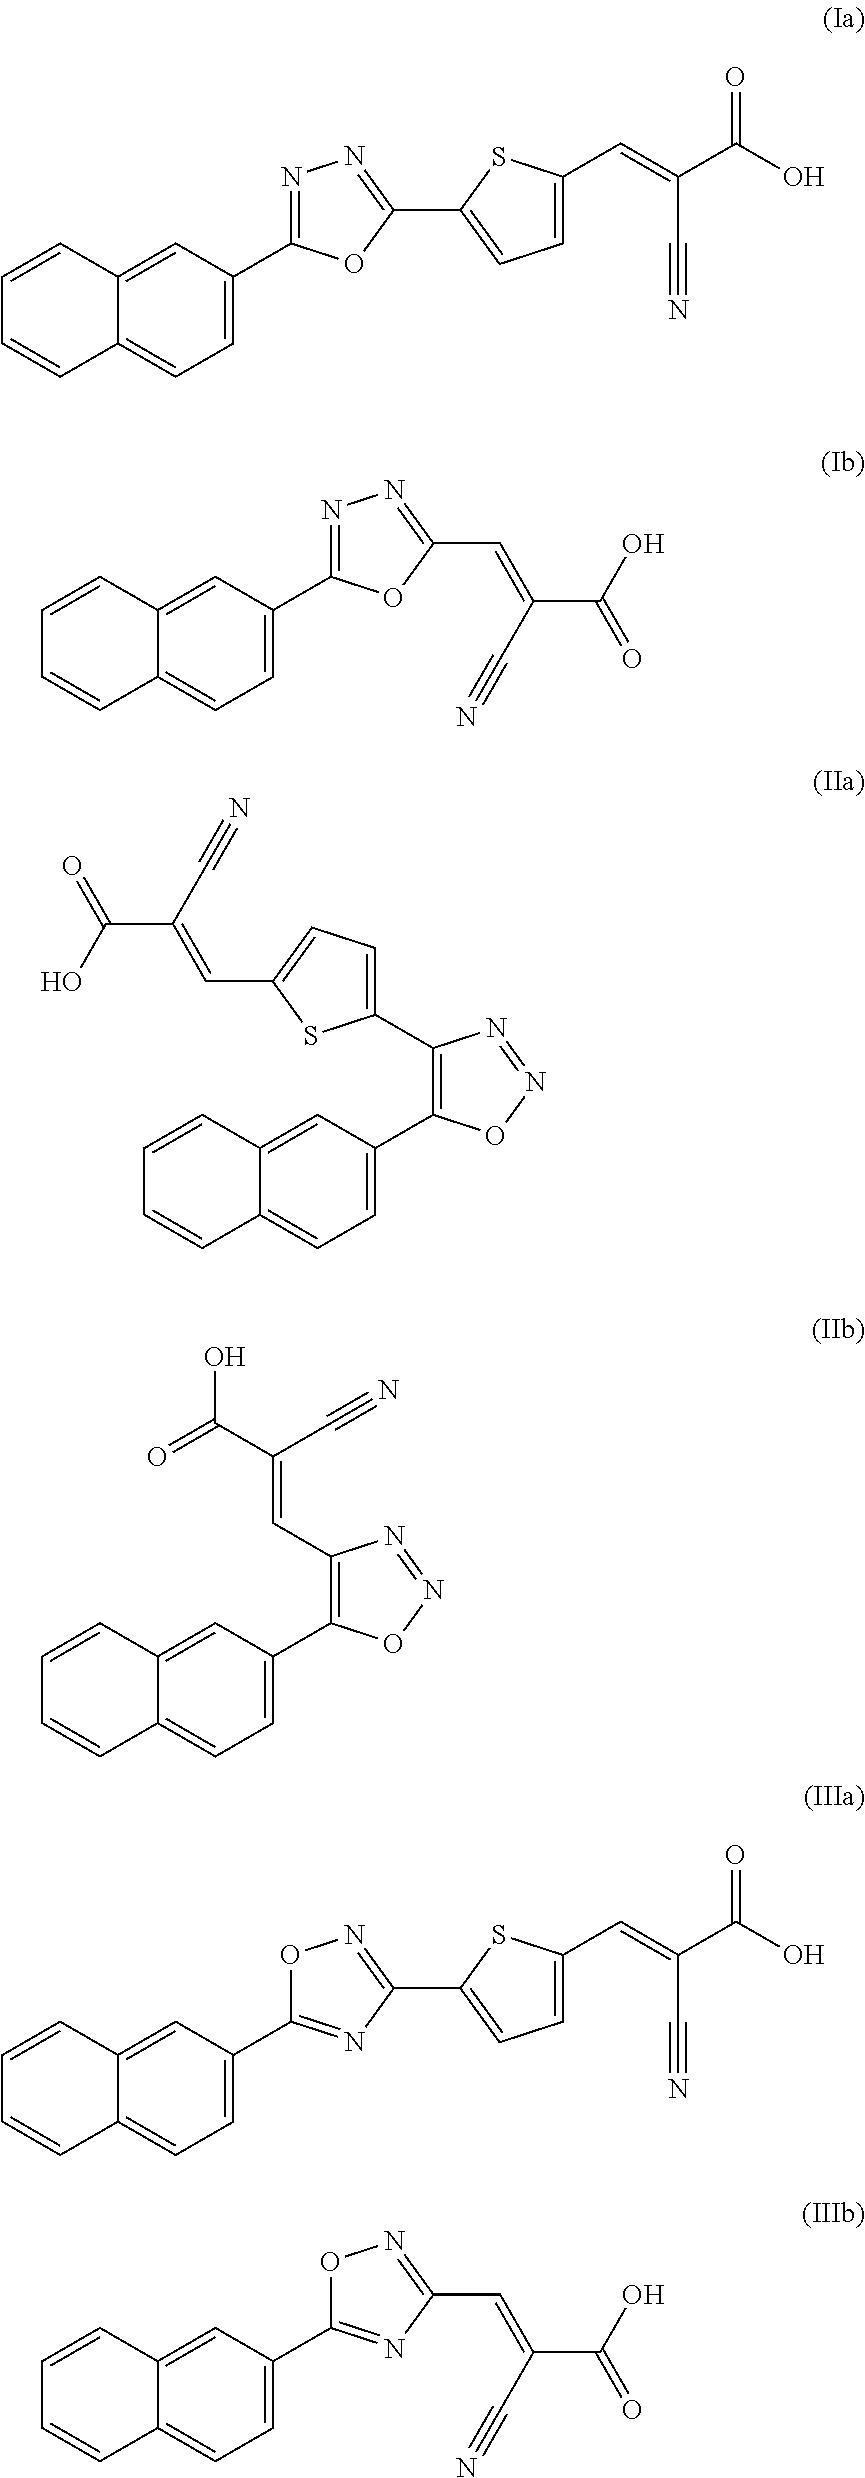 Figure US09672990-20170606-C00005